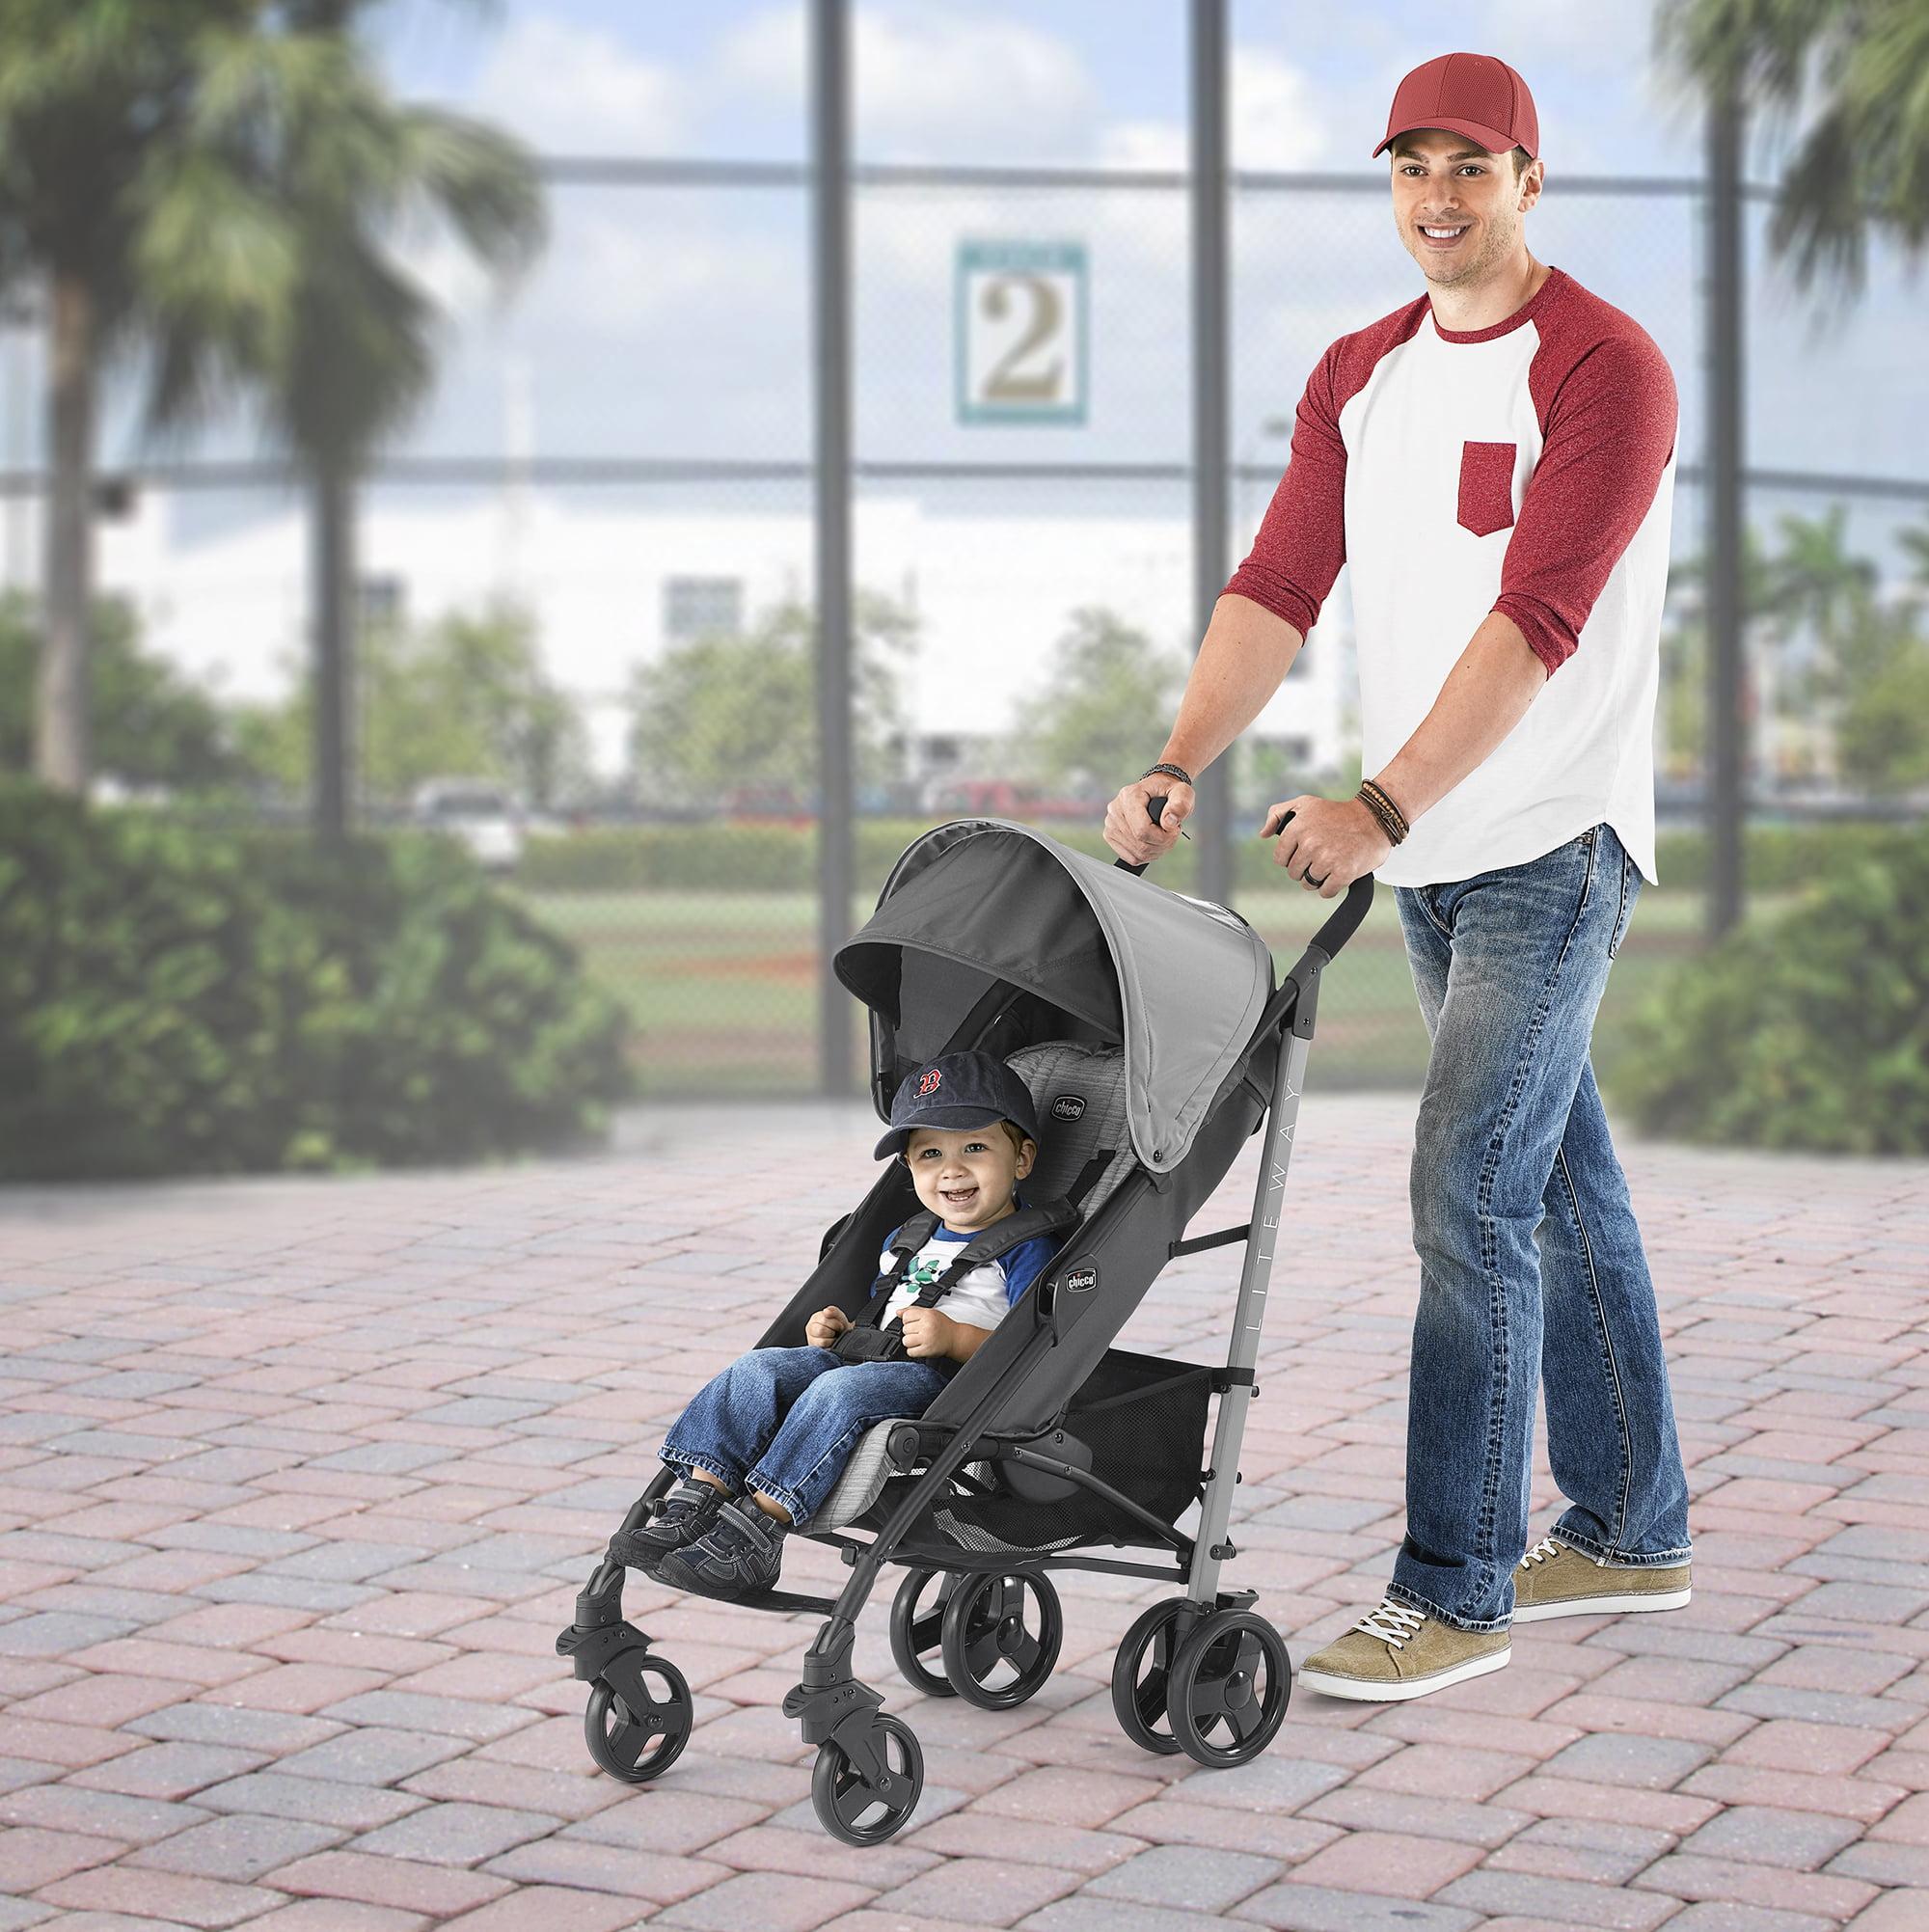 2f5ebf42c1d Chicco Liteway Stroller - Fog - Walmart.com